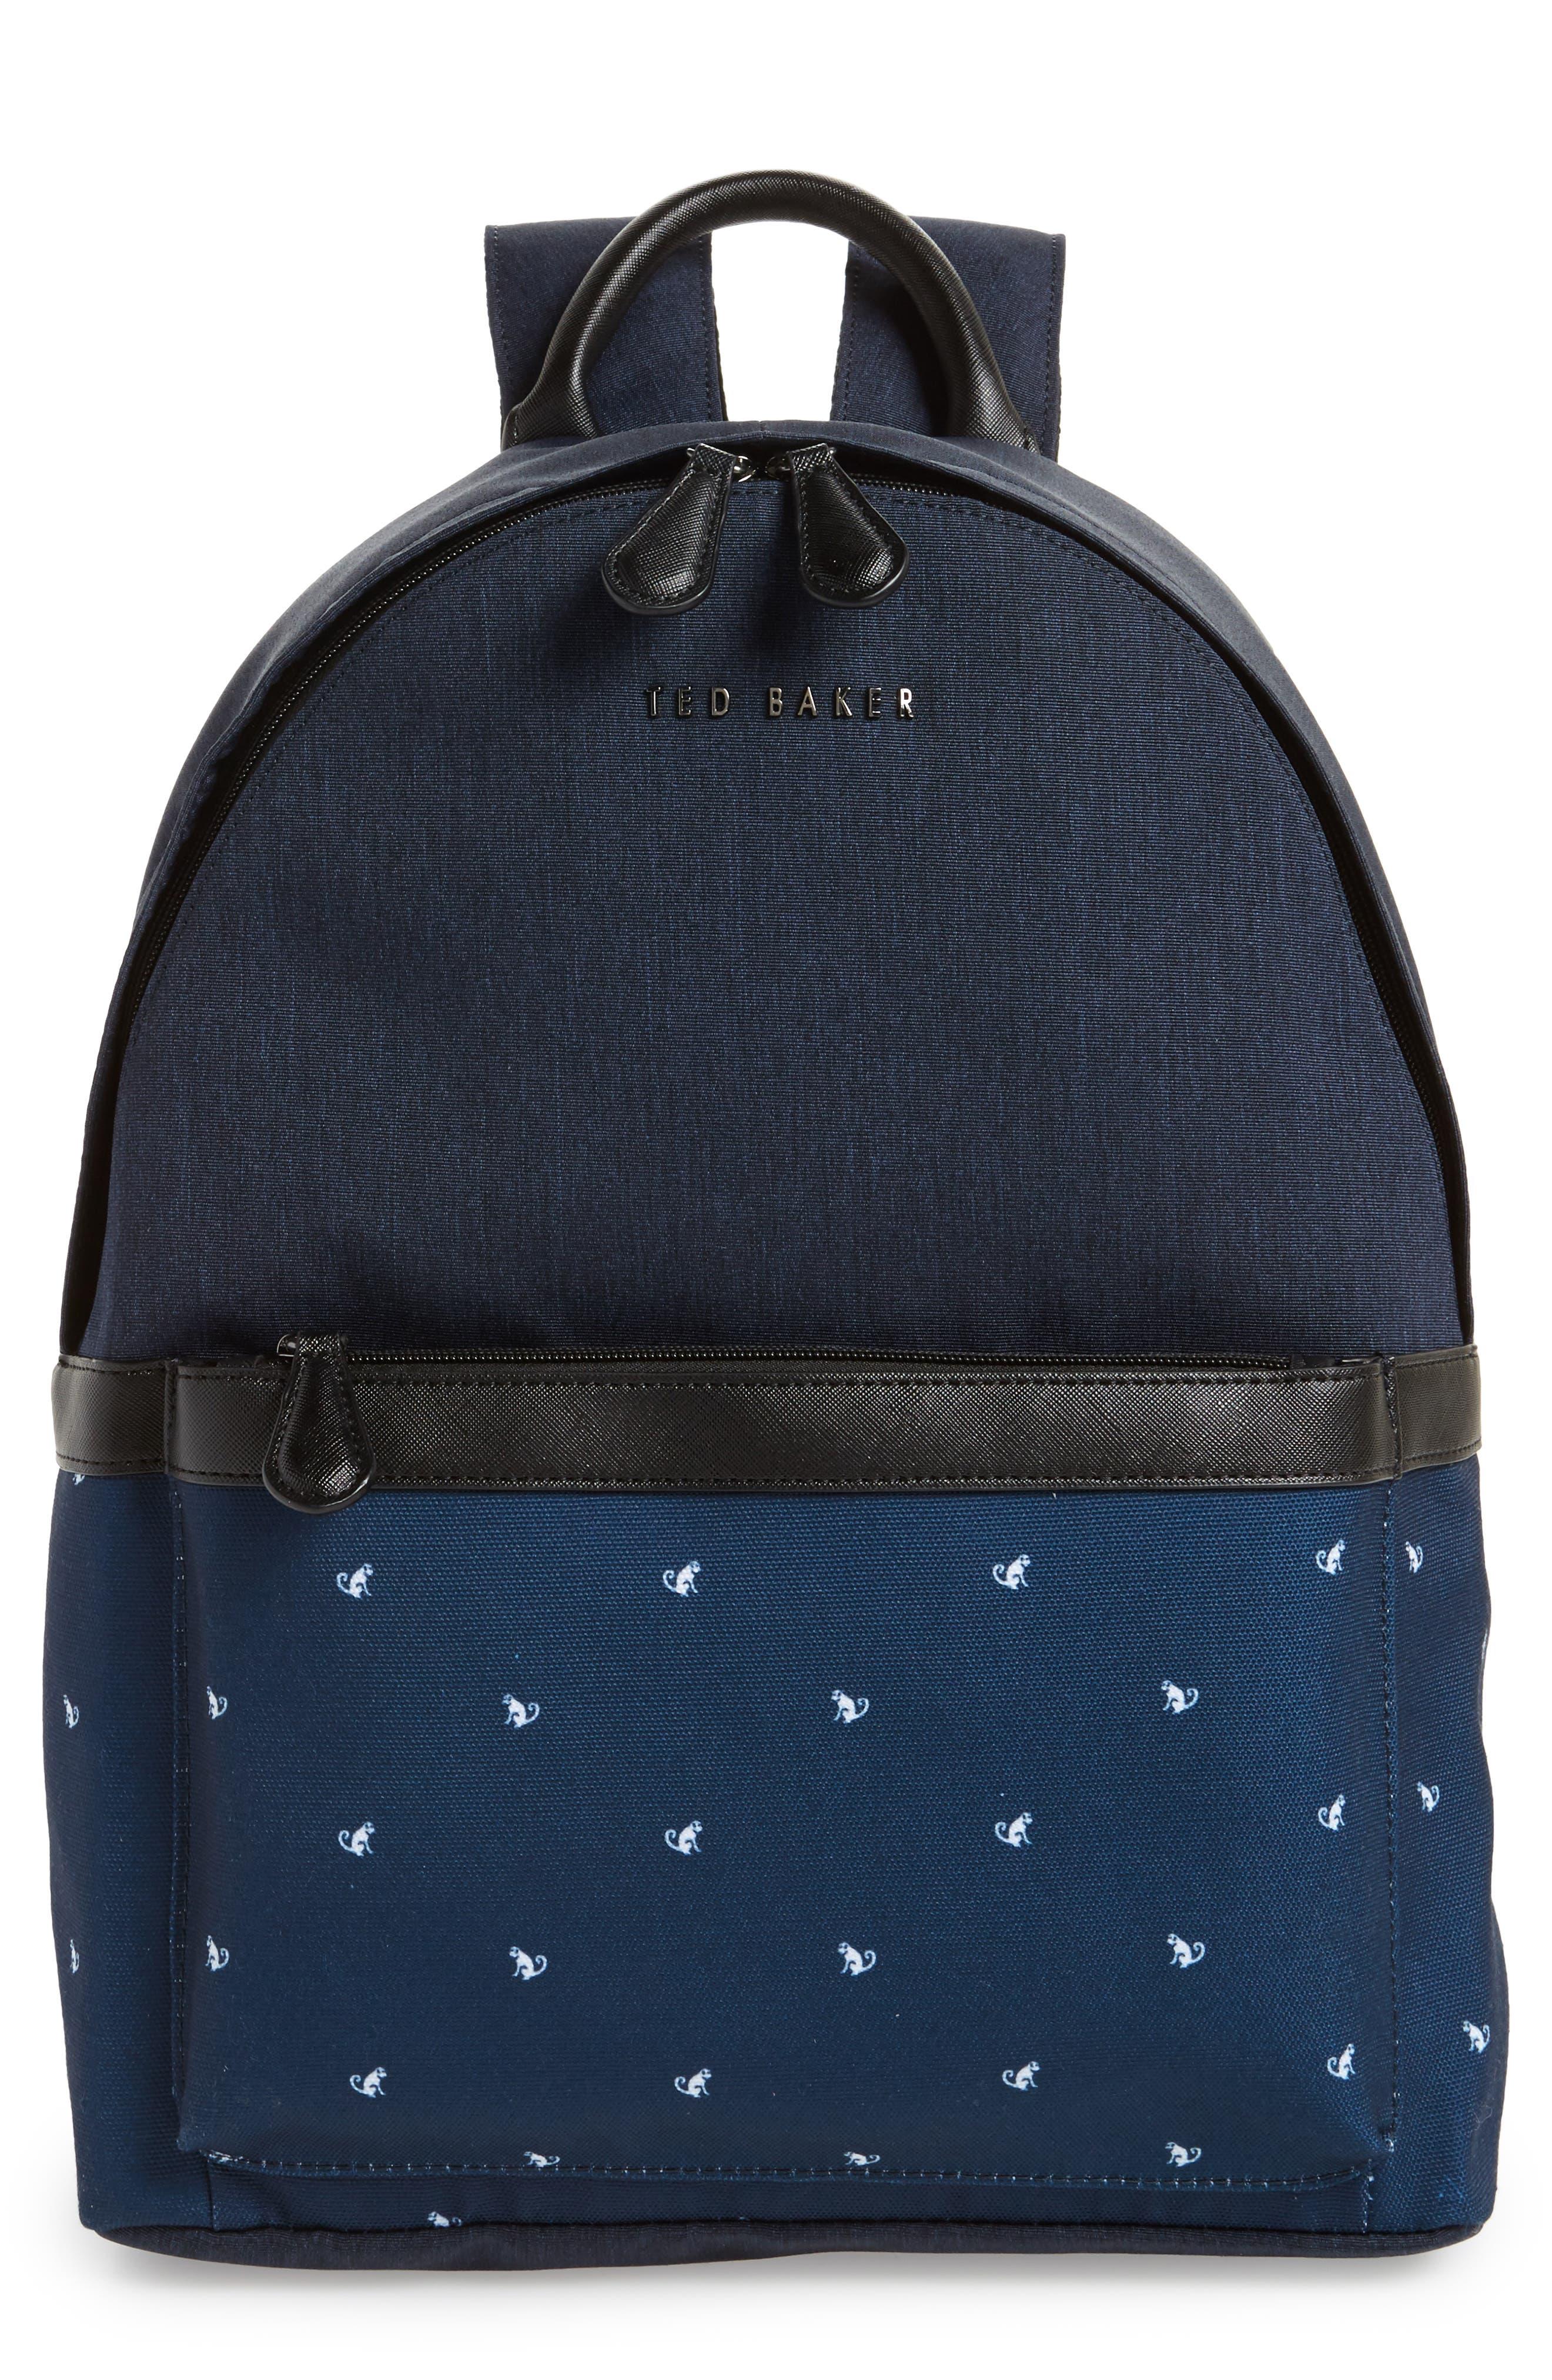 Mangoo Backpack,                             Main thumbnail 1, color,                             Navy